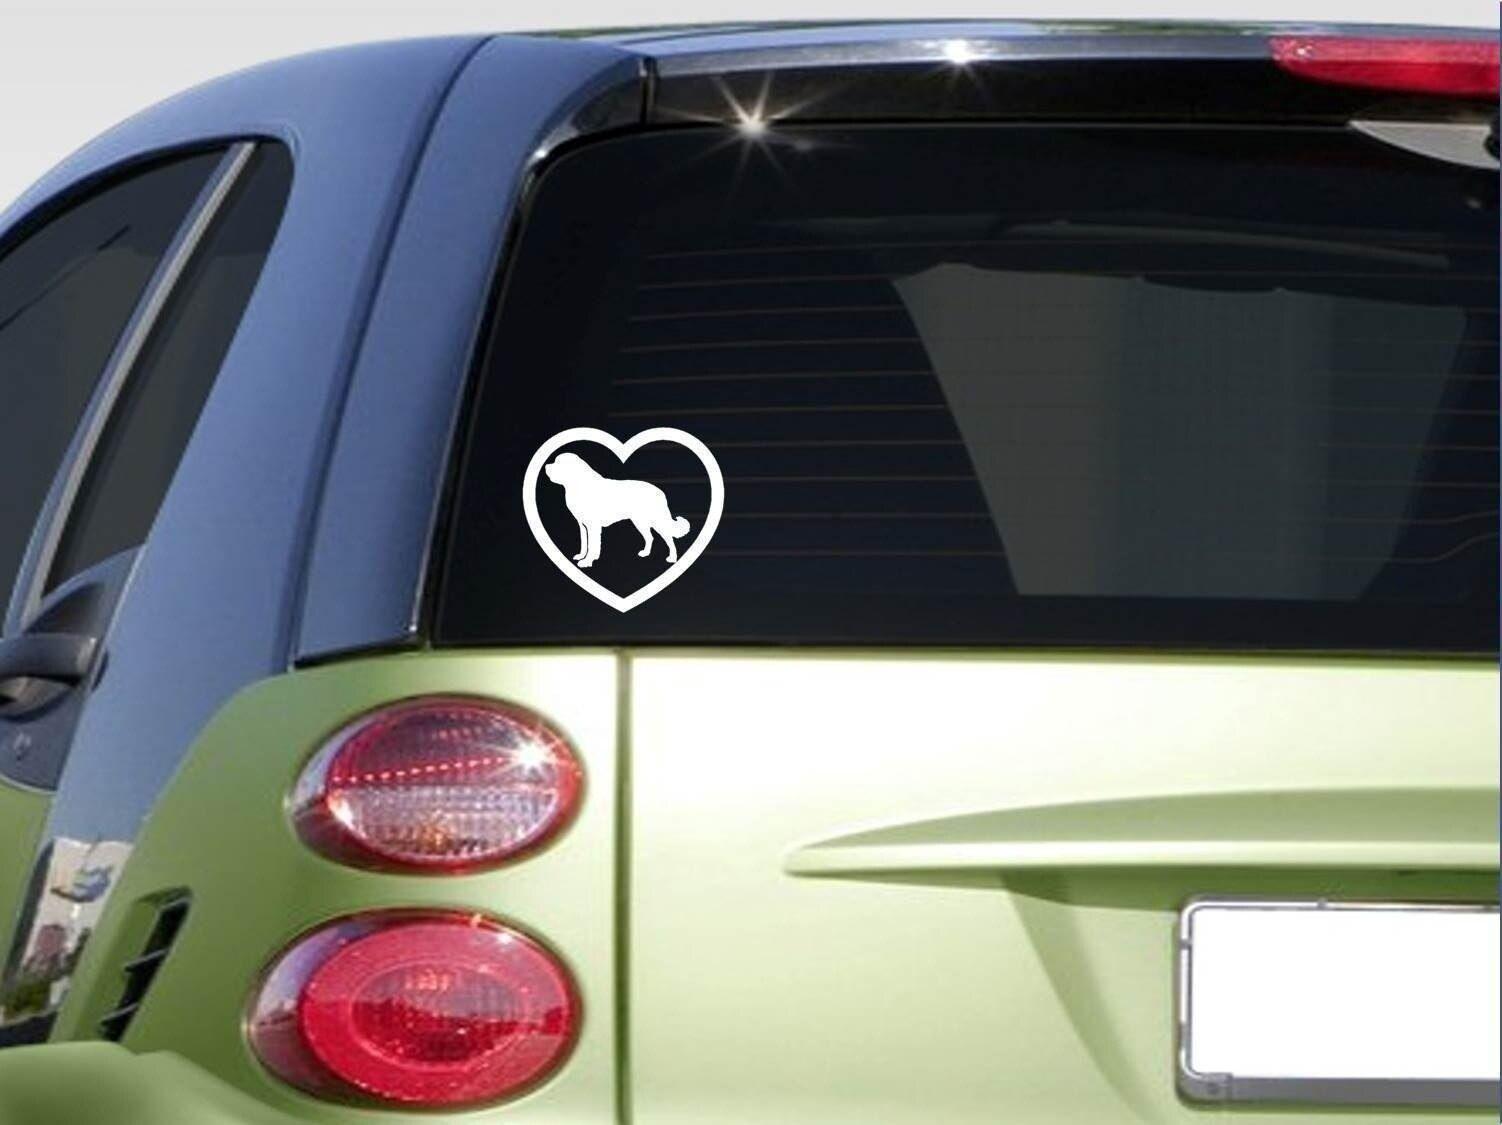 Heart Saint Bernard Sticker Decal Rescue Dog Dogfood Computer Sticker Attention Valid Discount 15 Custom Window Decals Vinyl Window Decals Door Bumper [ 1125 x 1502 Pixel ]